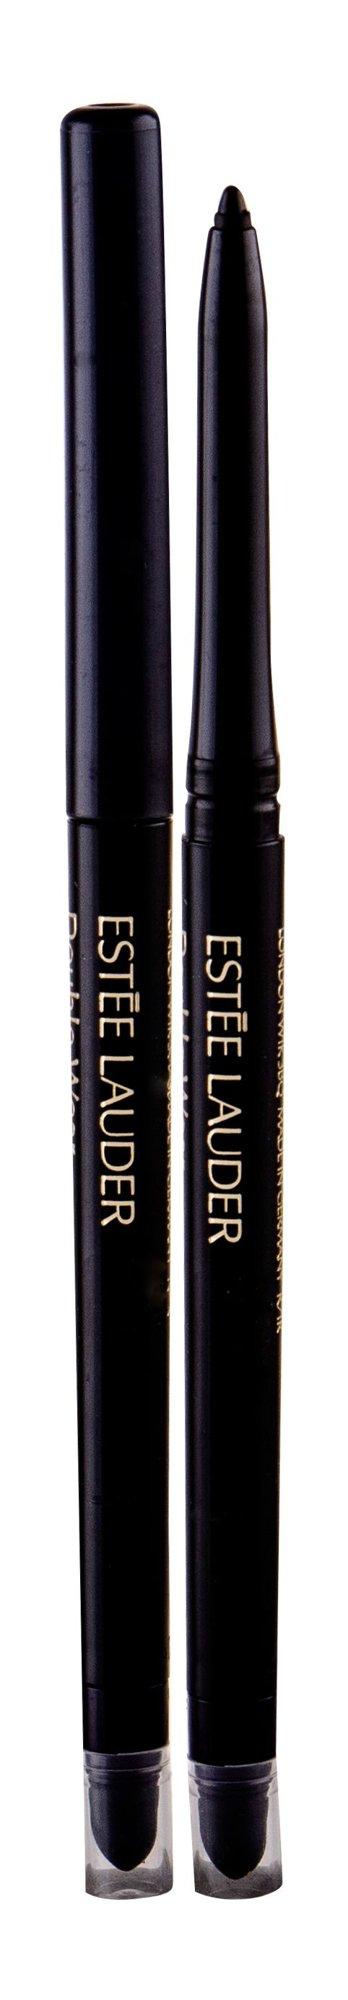 Estée Lauder Double Wear Eye Pencil 0,35ml 01 Kohl Noir